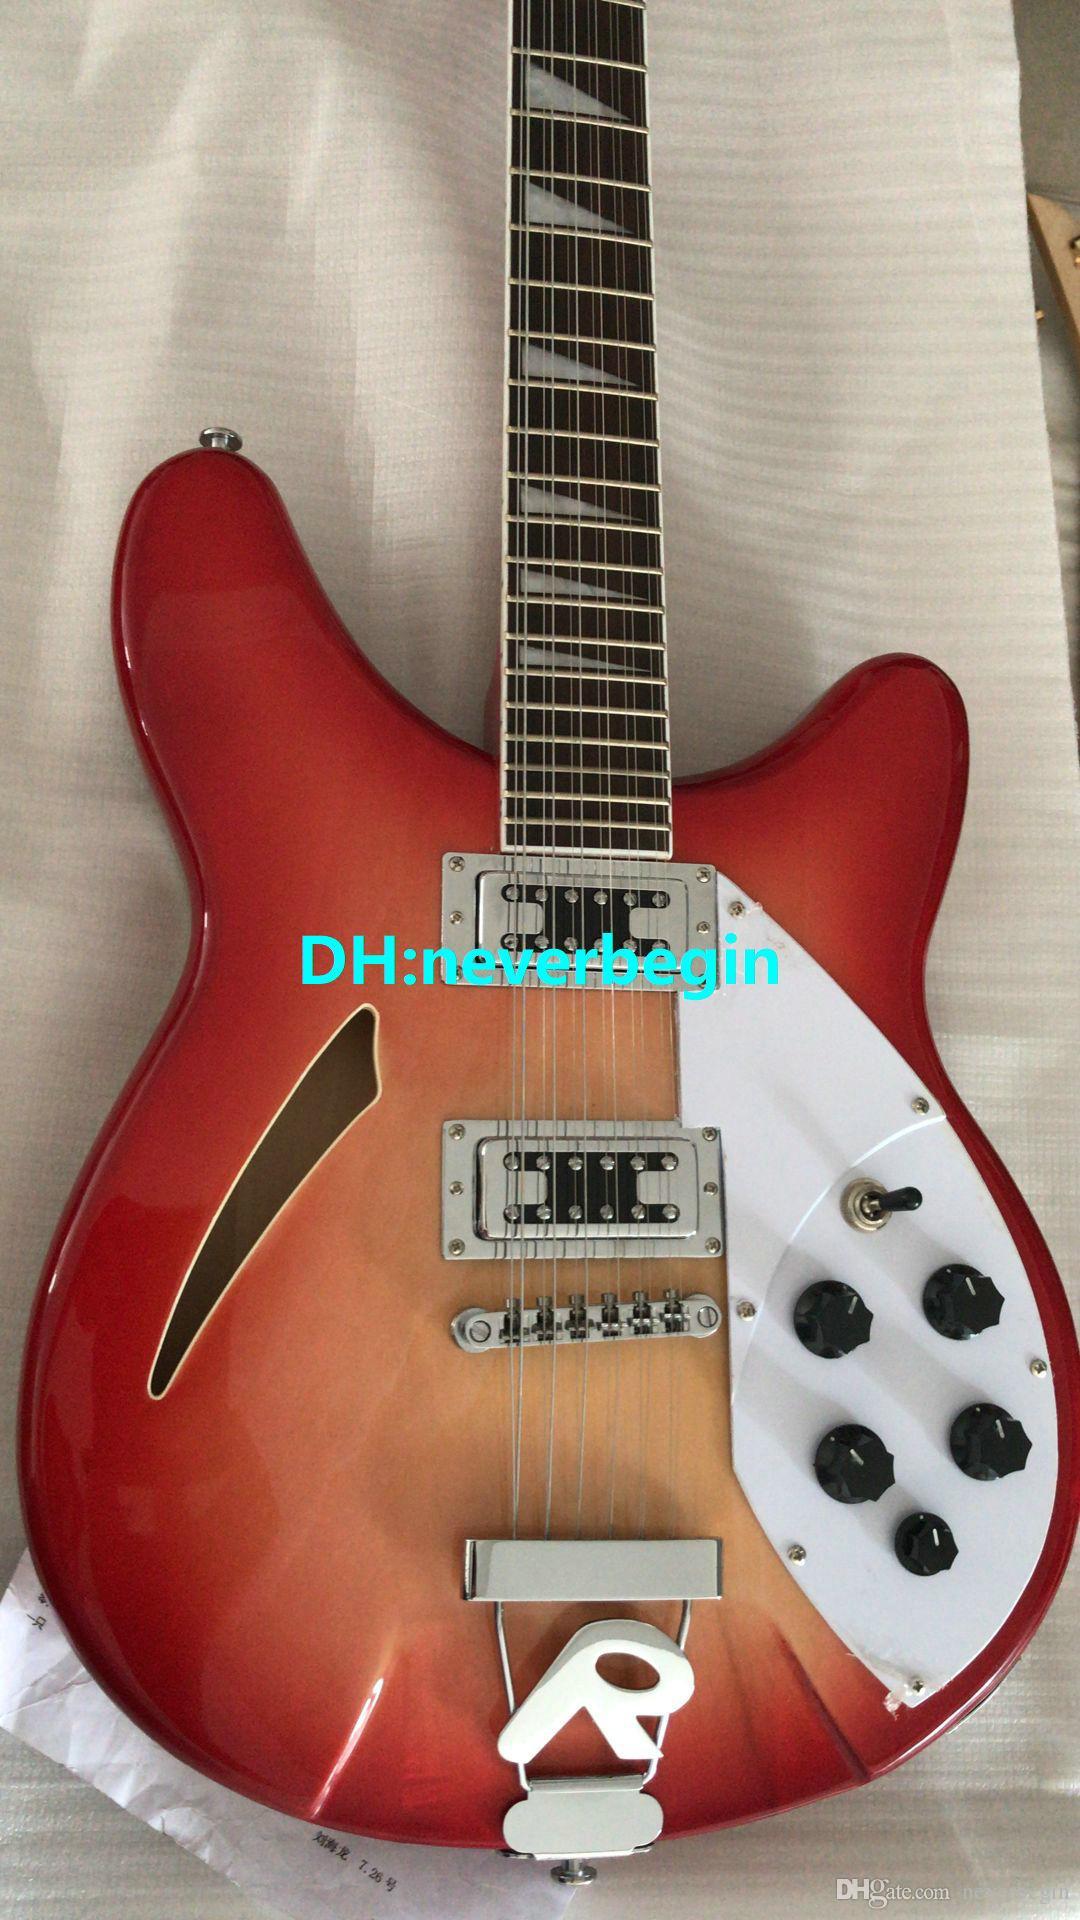 Chitarra elettrica all'ingrosso Deluxe modello 360/12 STRING chitarra elettrica Semi Hollow Cherry Burst Cina chitarra fabbrica